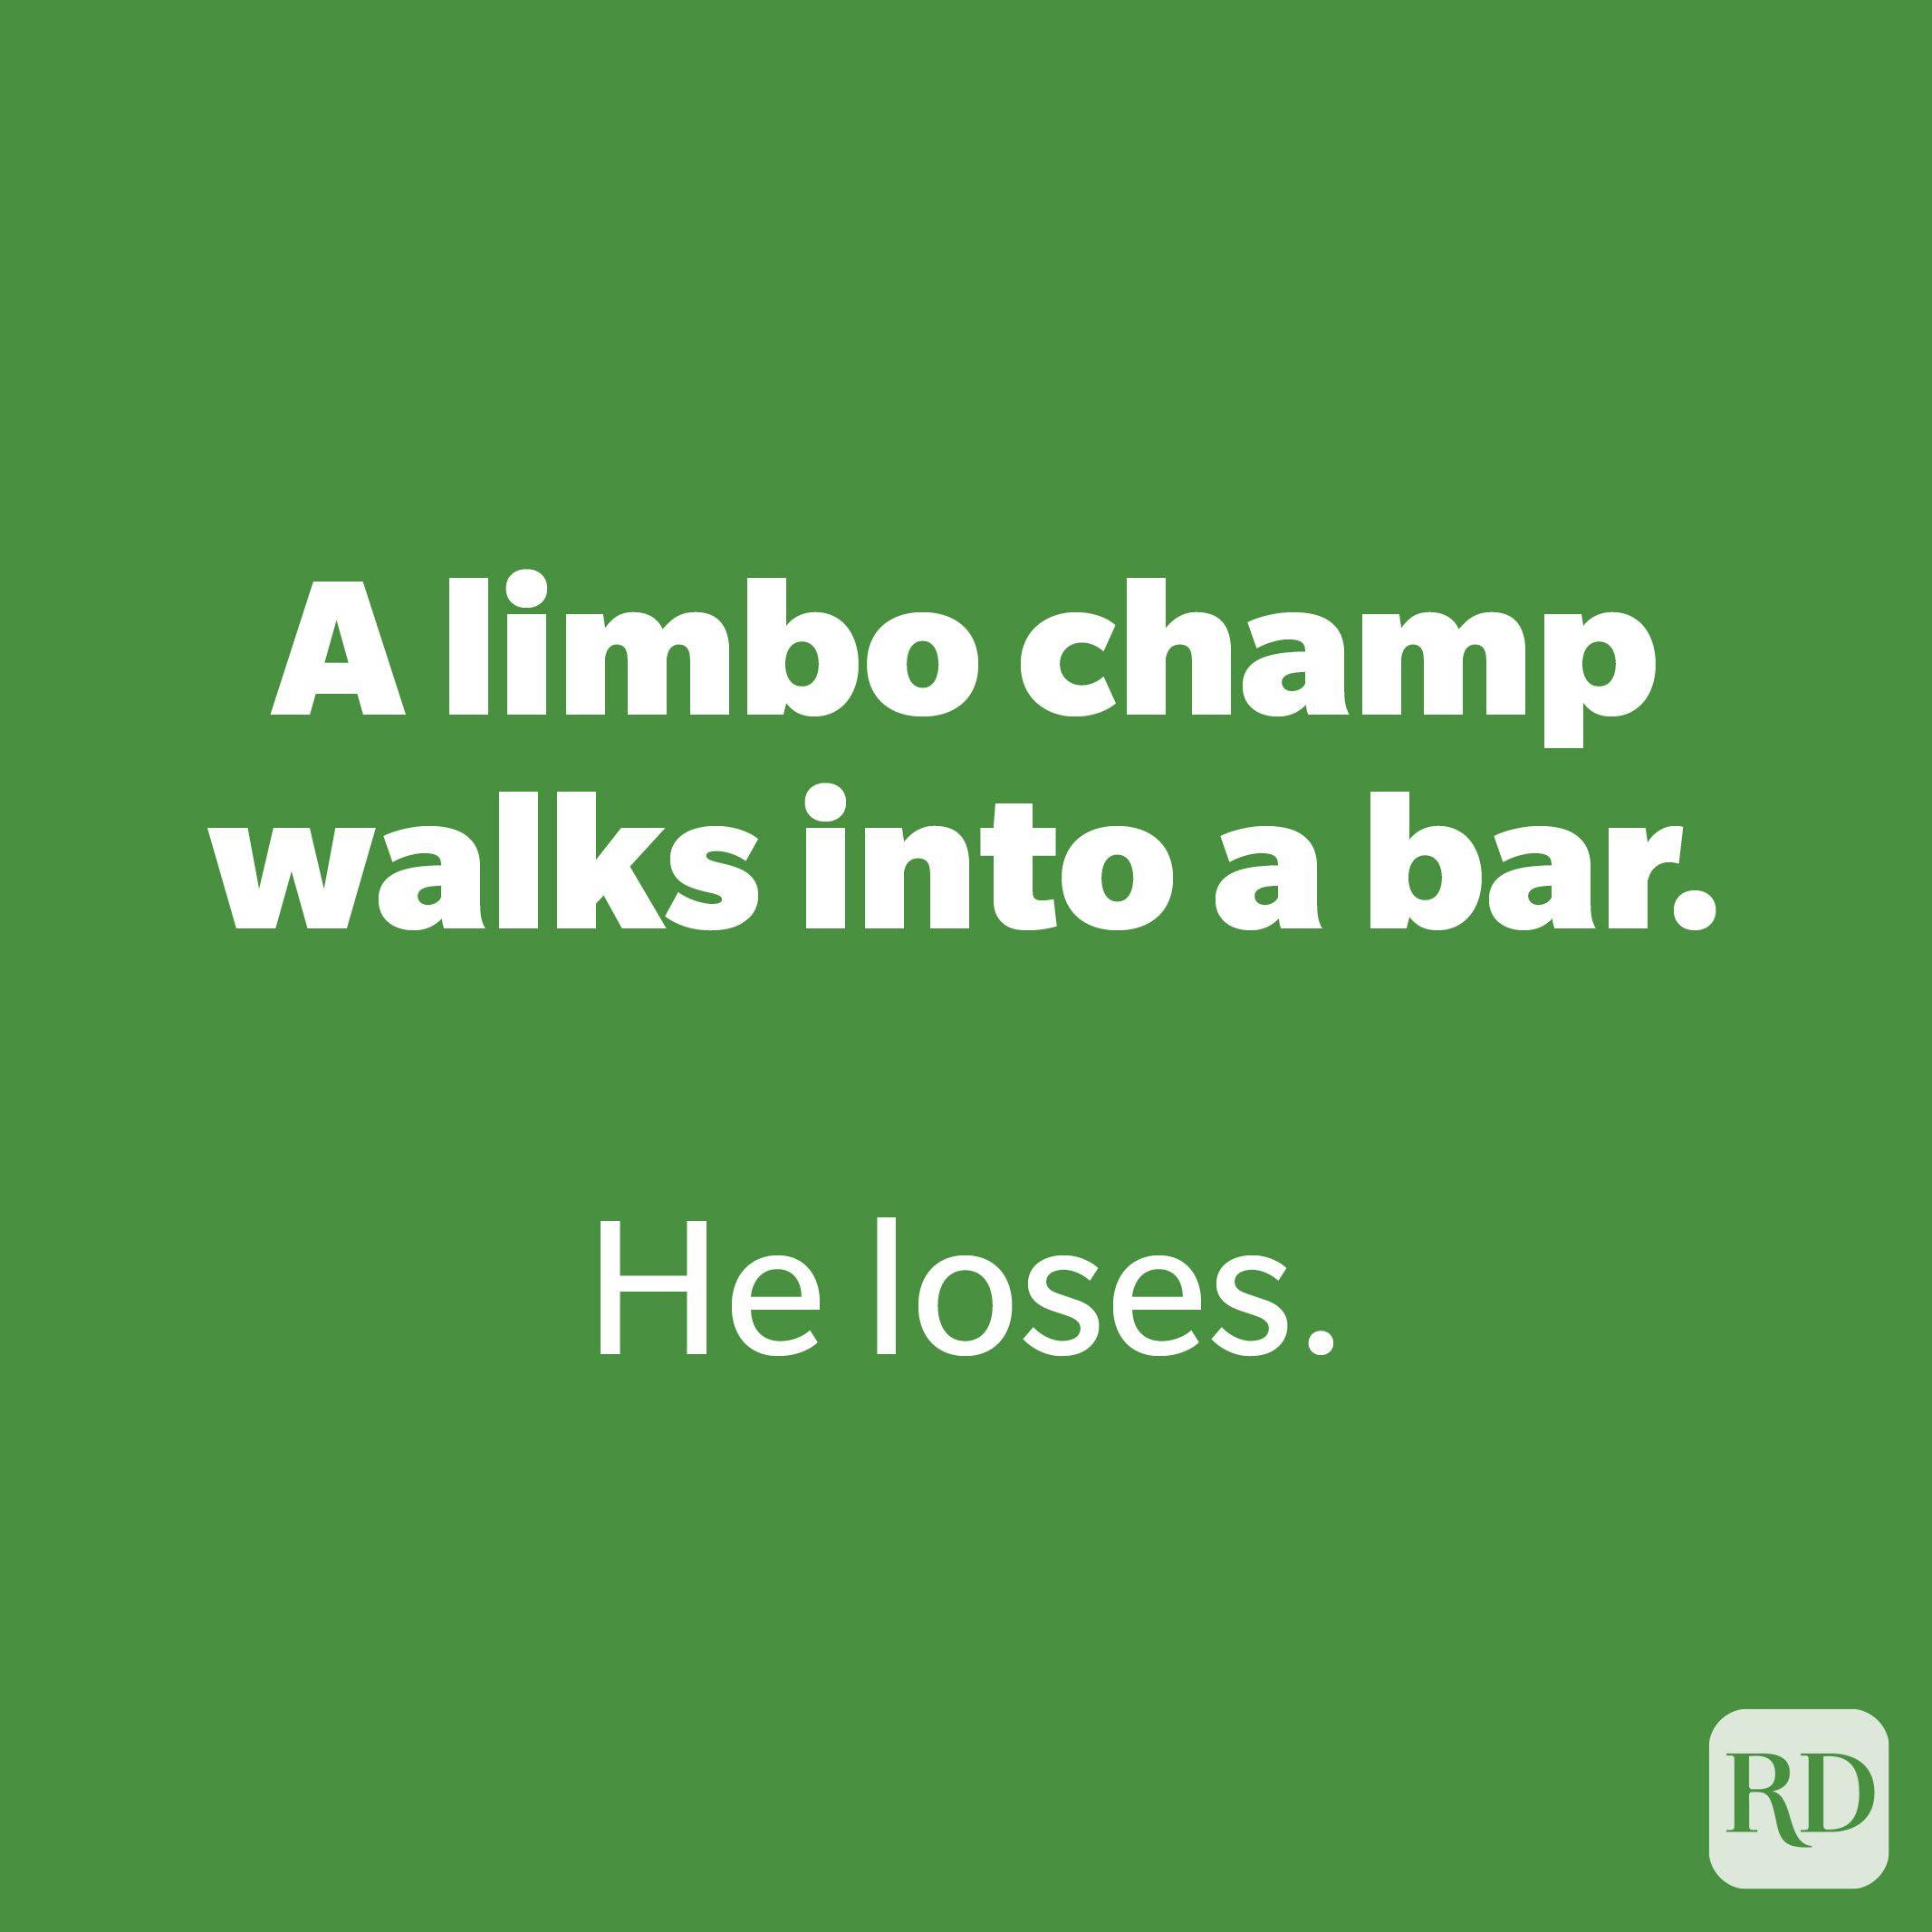 A limbo champ walks into a bar.